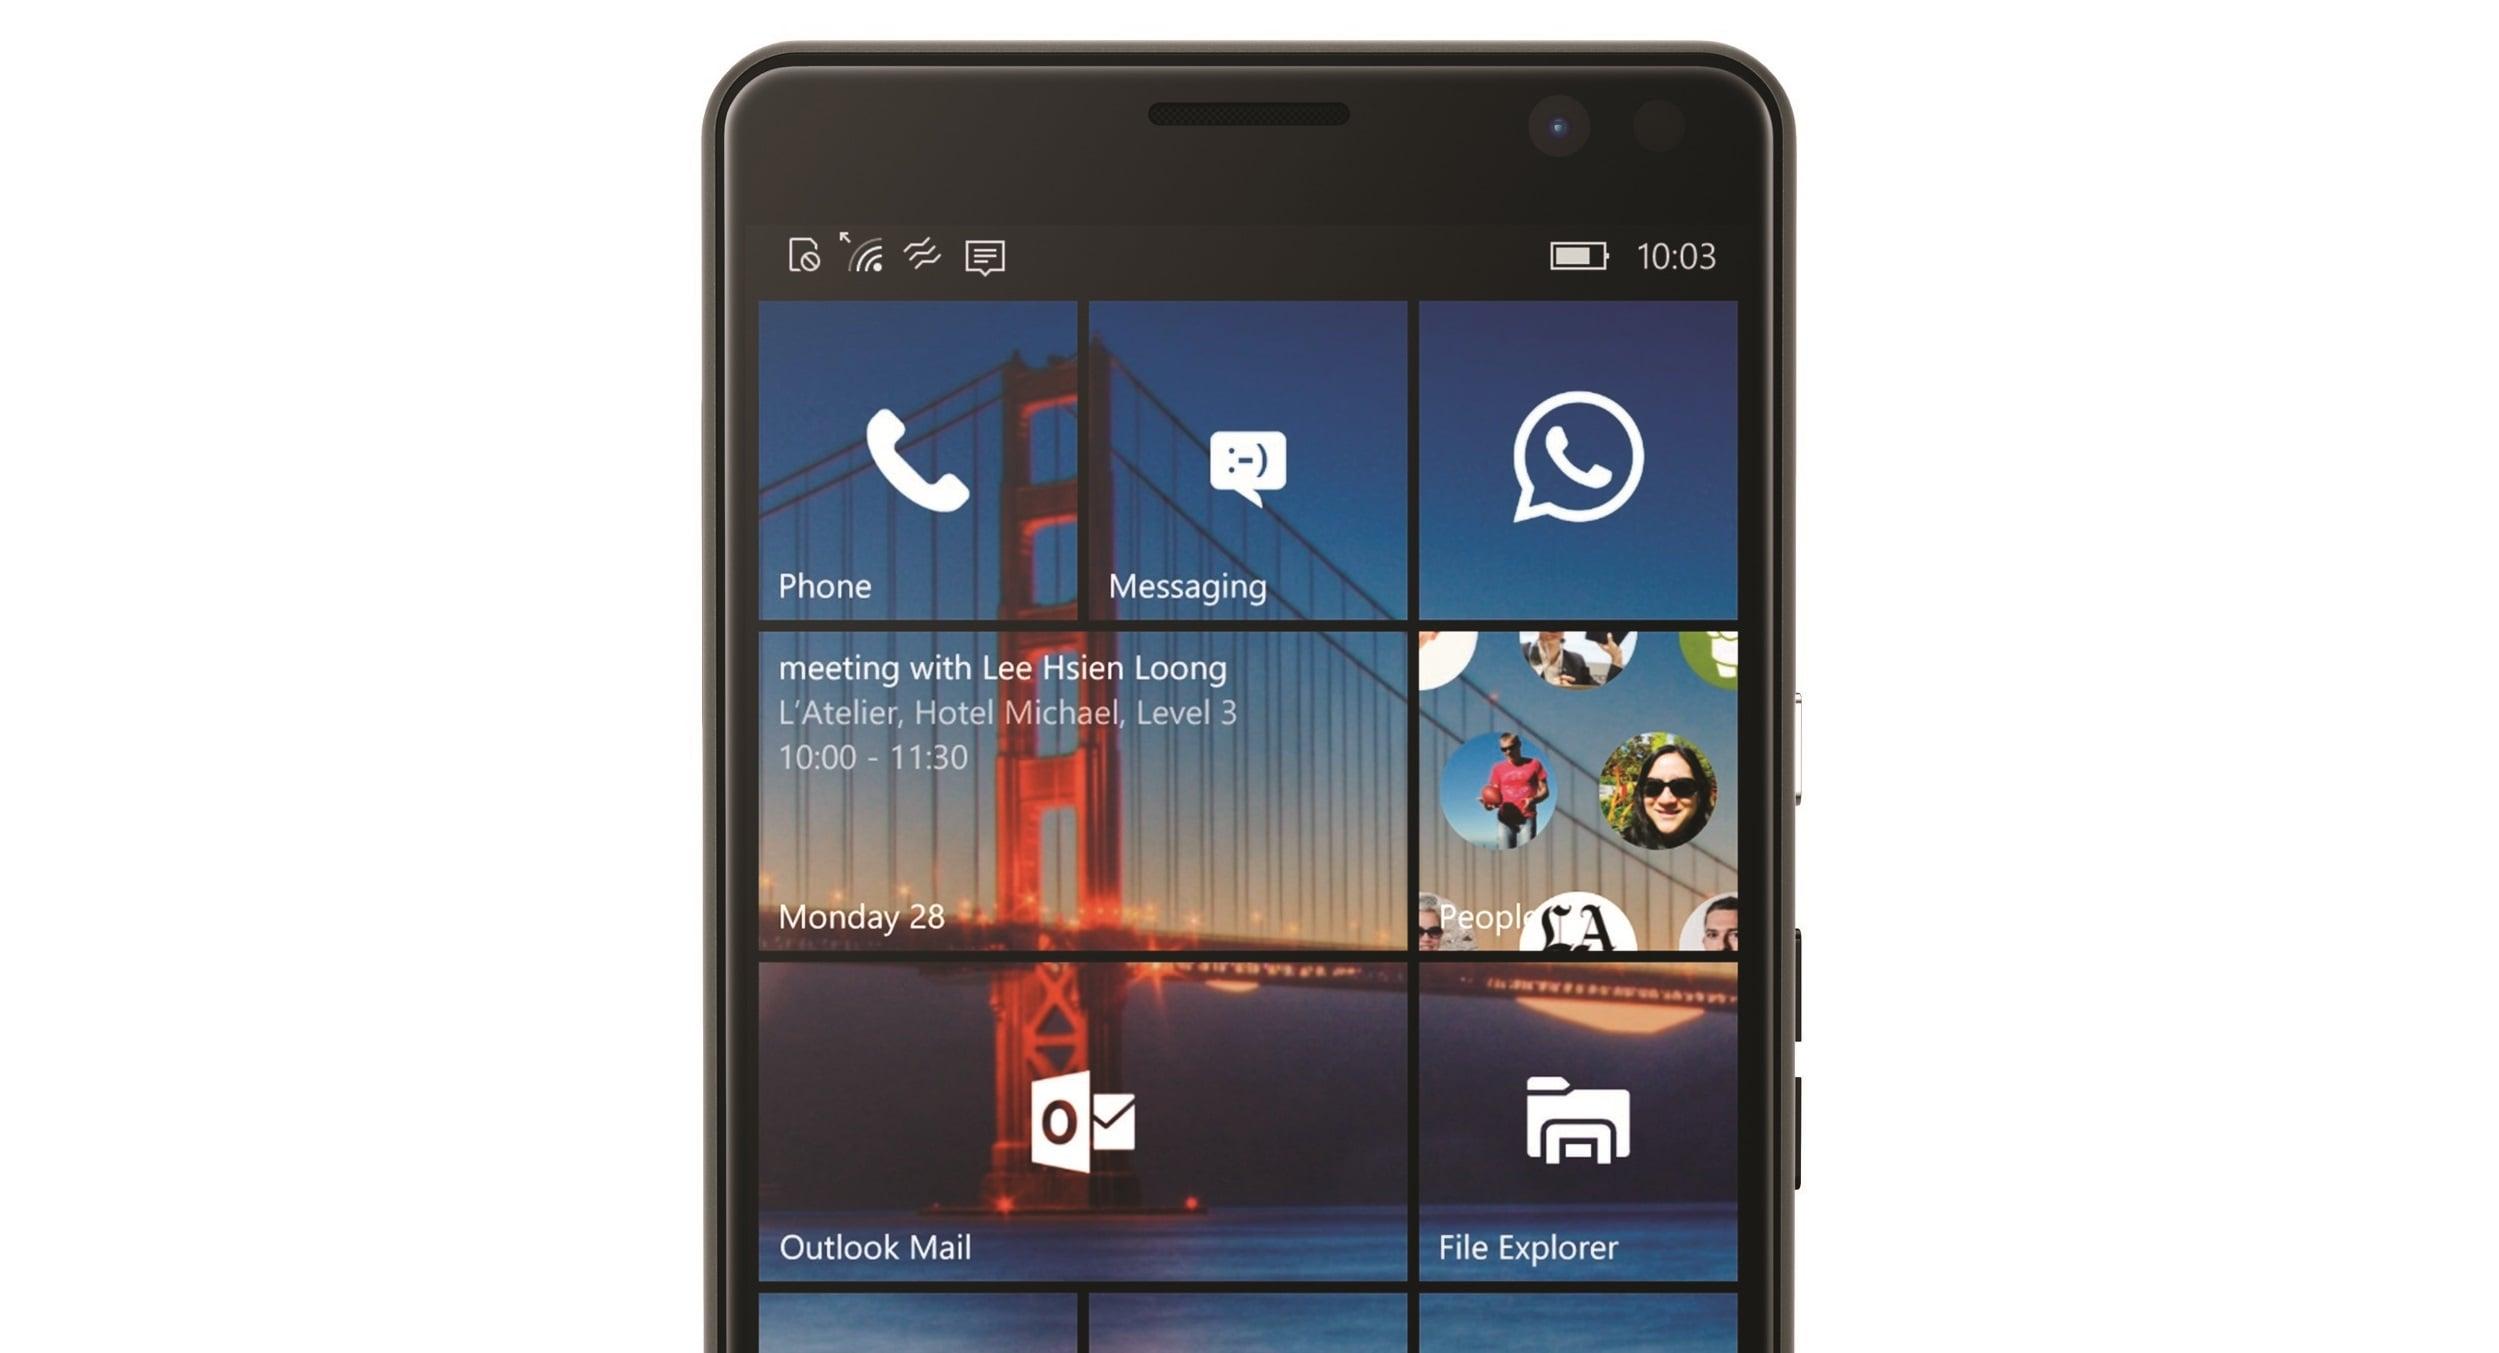 Nowy smartfon HP z W10M będzie jednak średniakiem, nie high-endem, jak Elite x3 19